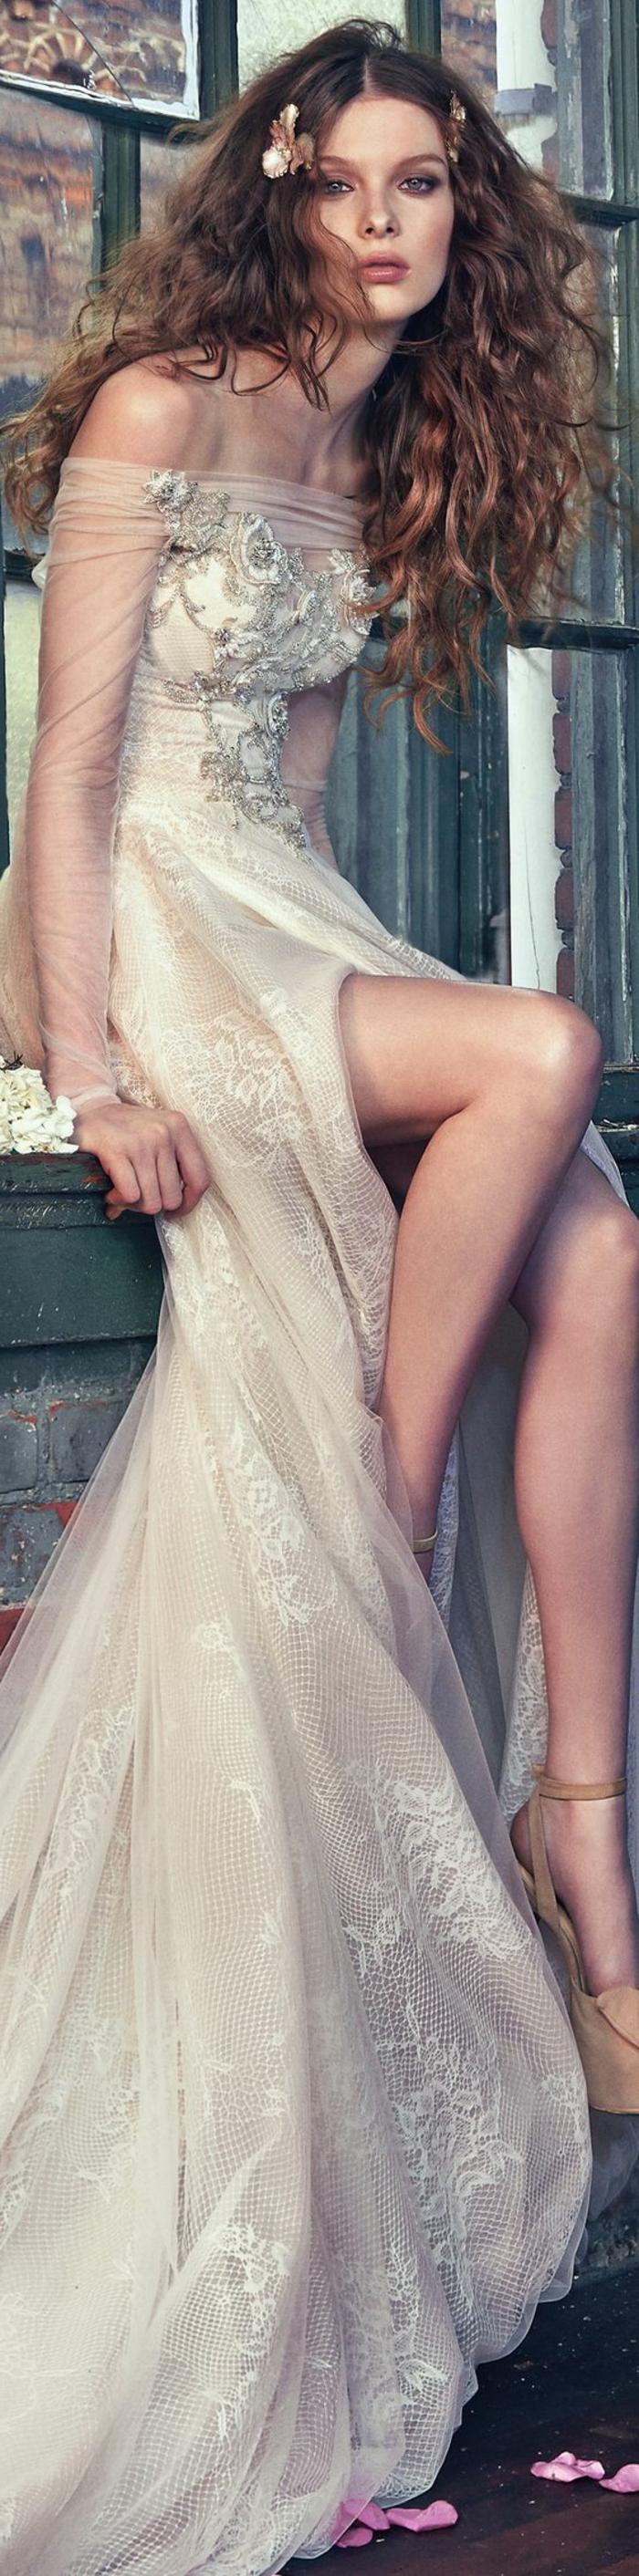 robe de mariée de couleur, grande fente, manches de chiffon, coiffure bohème